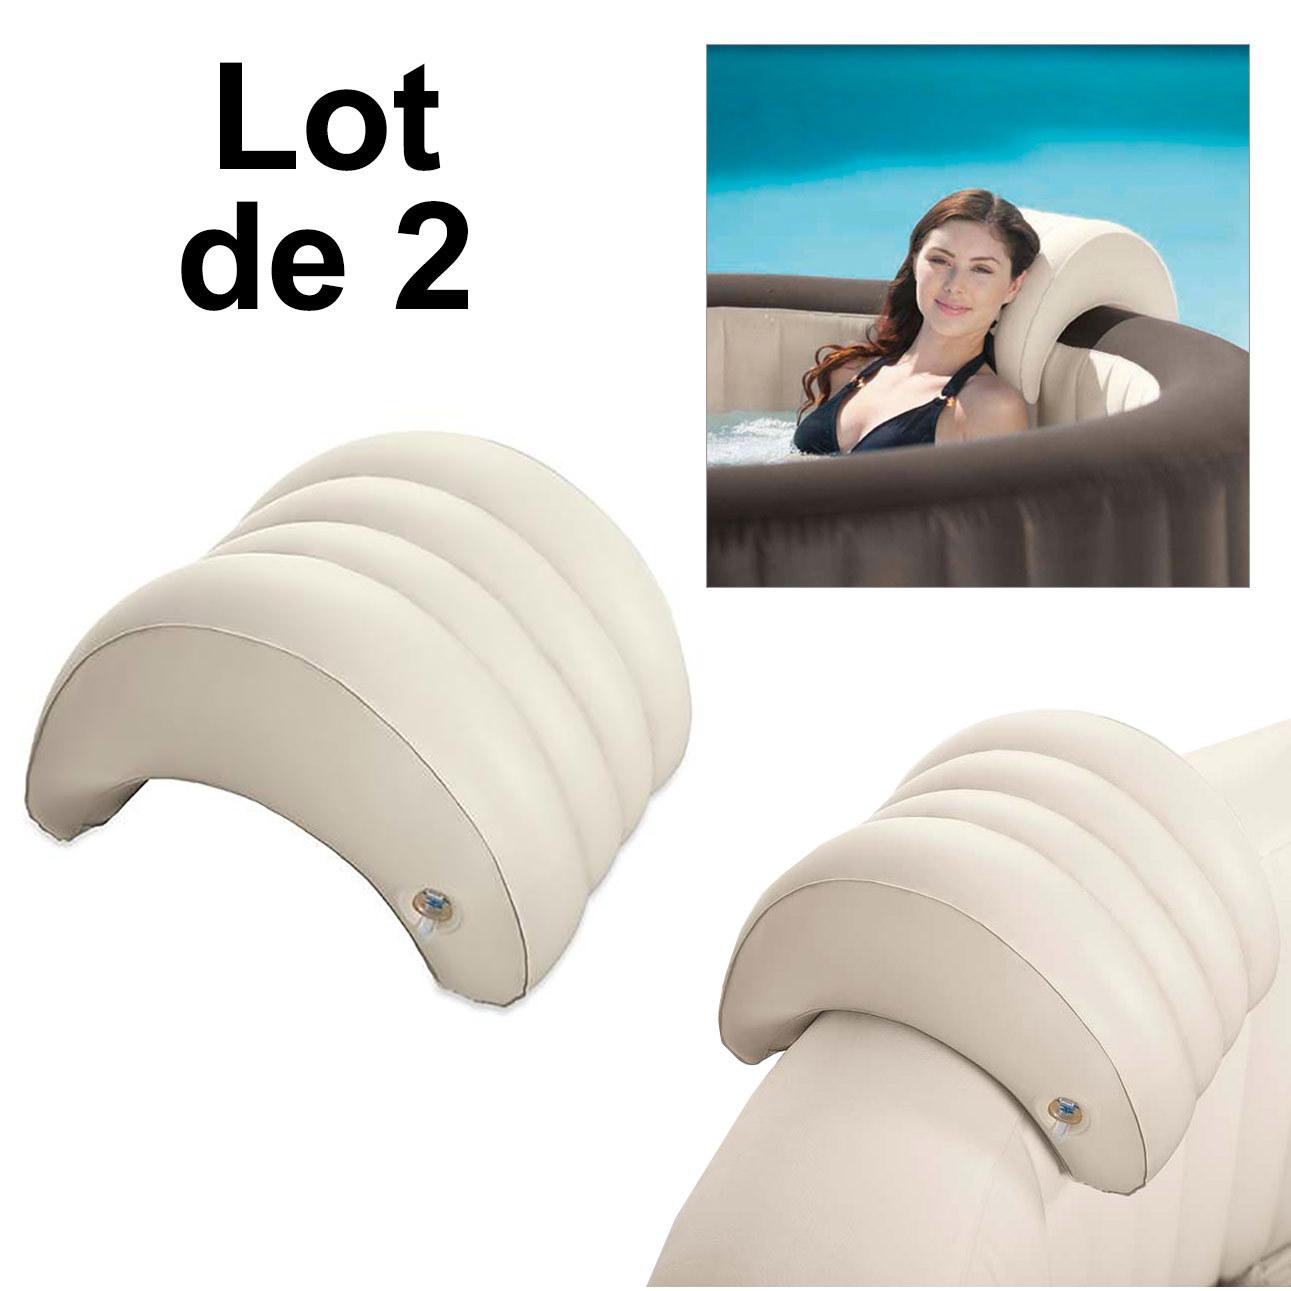 Lot de 2 Appuis Tête Gonflable pour Spa Intex - Appui Tête Spa Intex